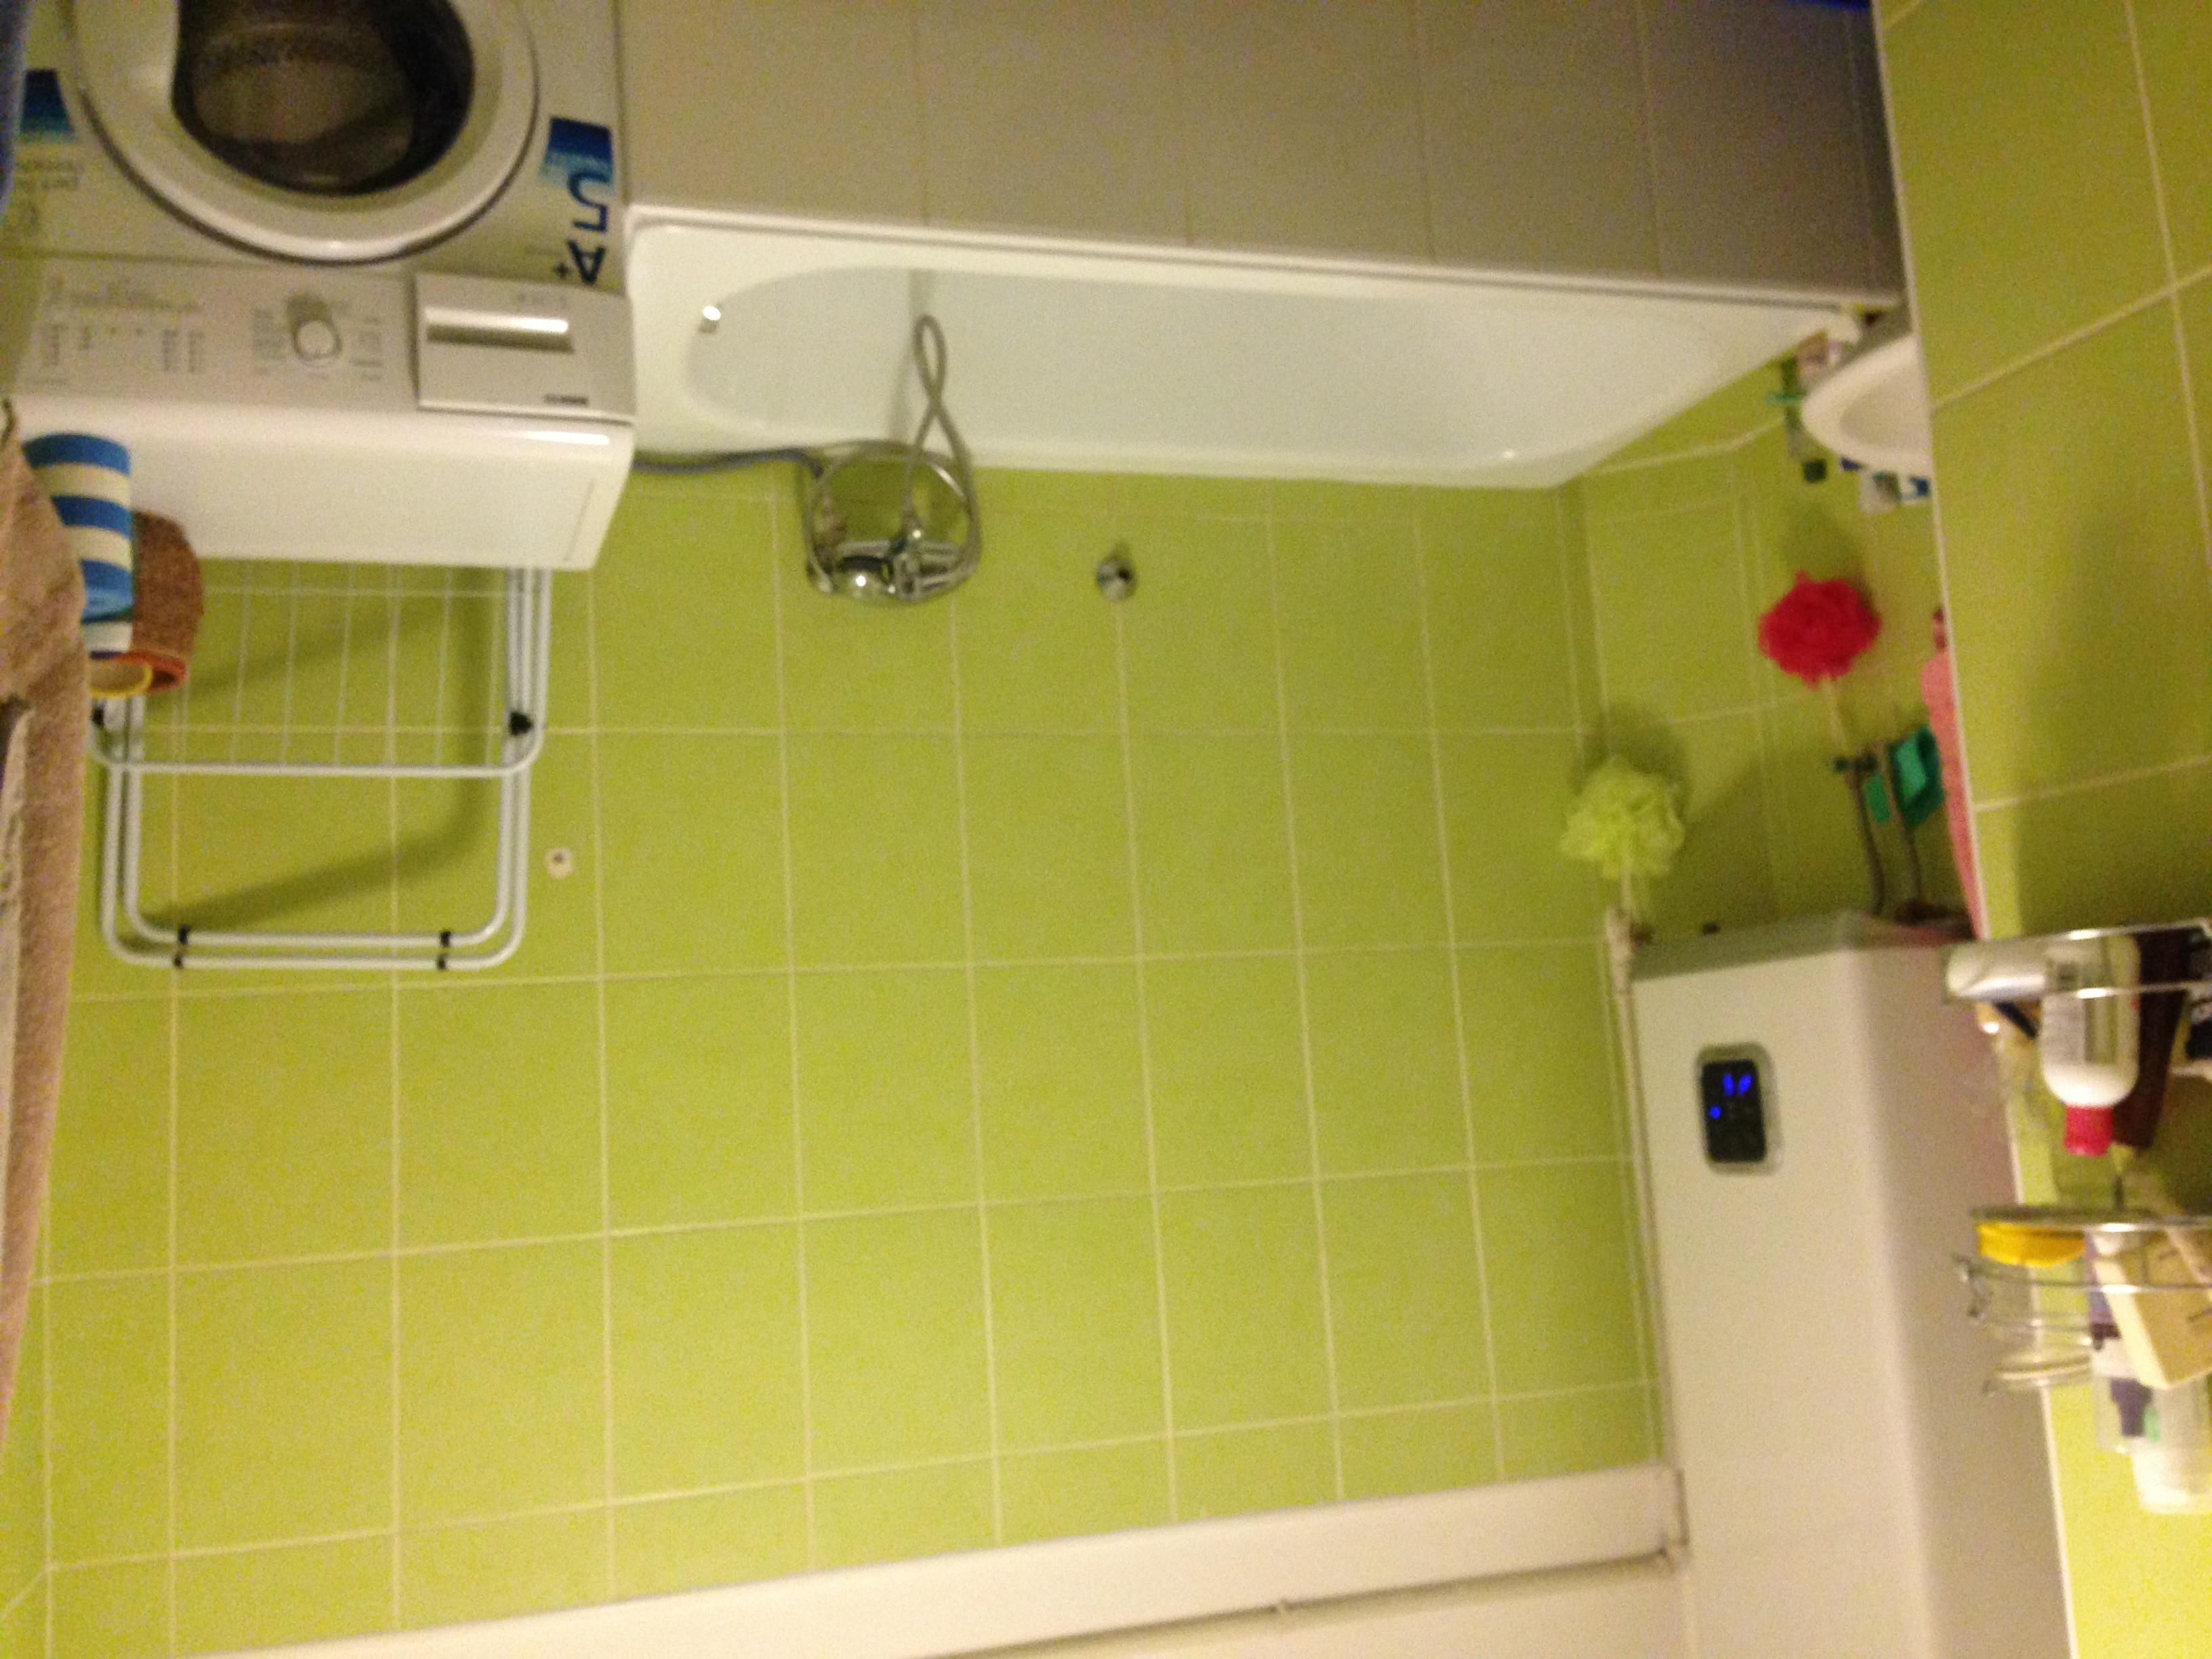 למכירה דירת 2 חדרים בגודל 52 מר בשכונת ז'יז'קוב א (11)